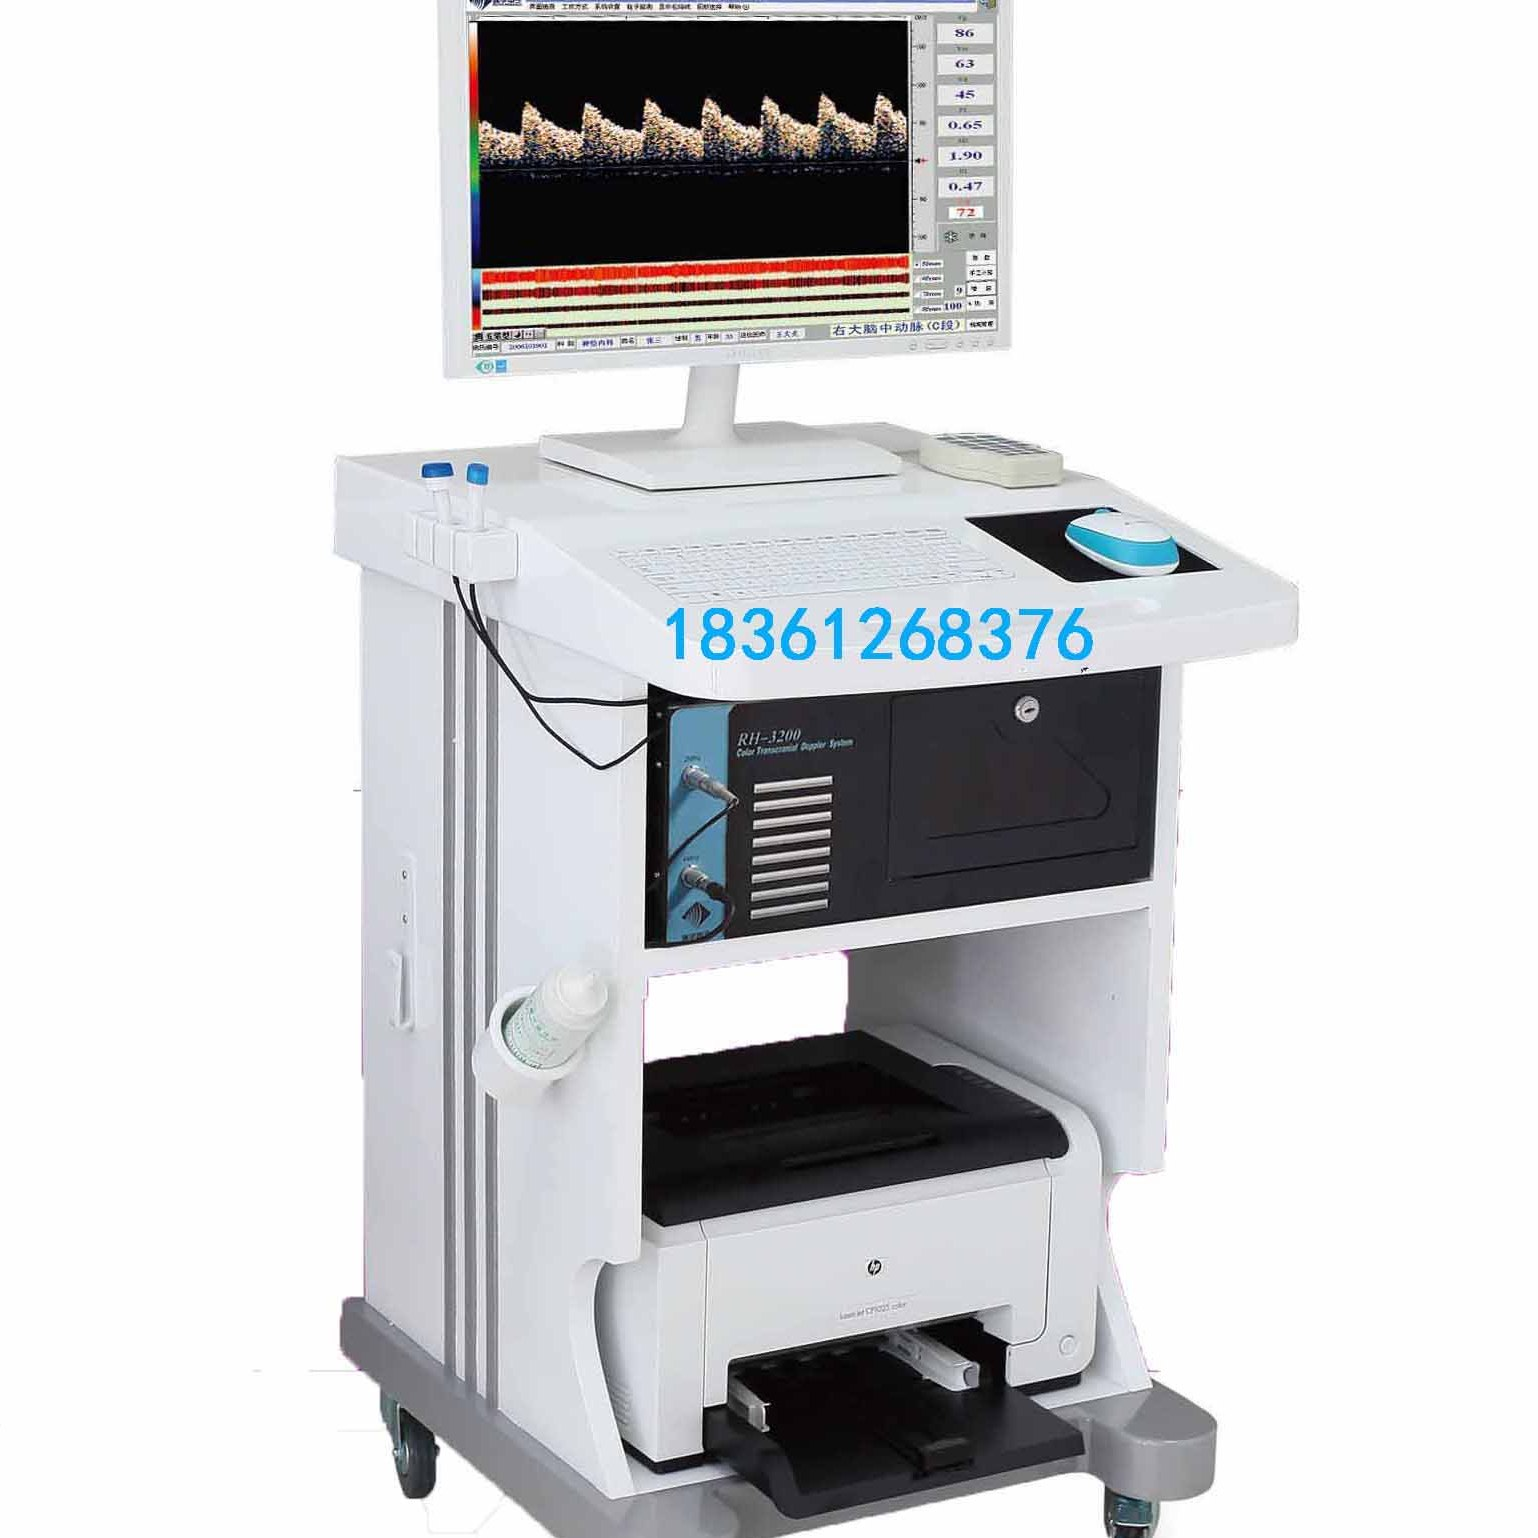 j江苏瑞华RH-3200型全数字超声经颅多普勒血流分析仪(脑彩超TCD)